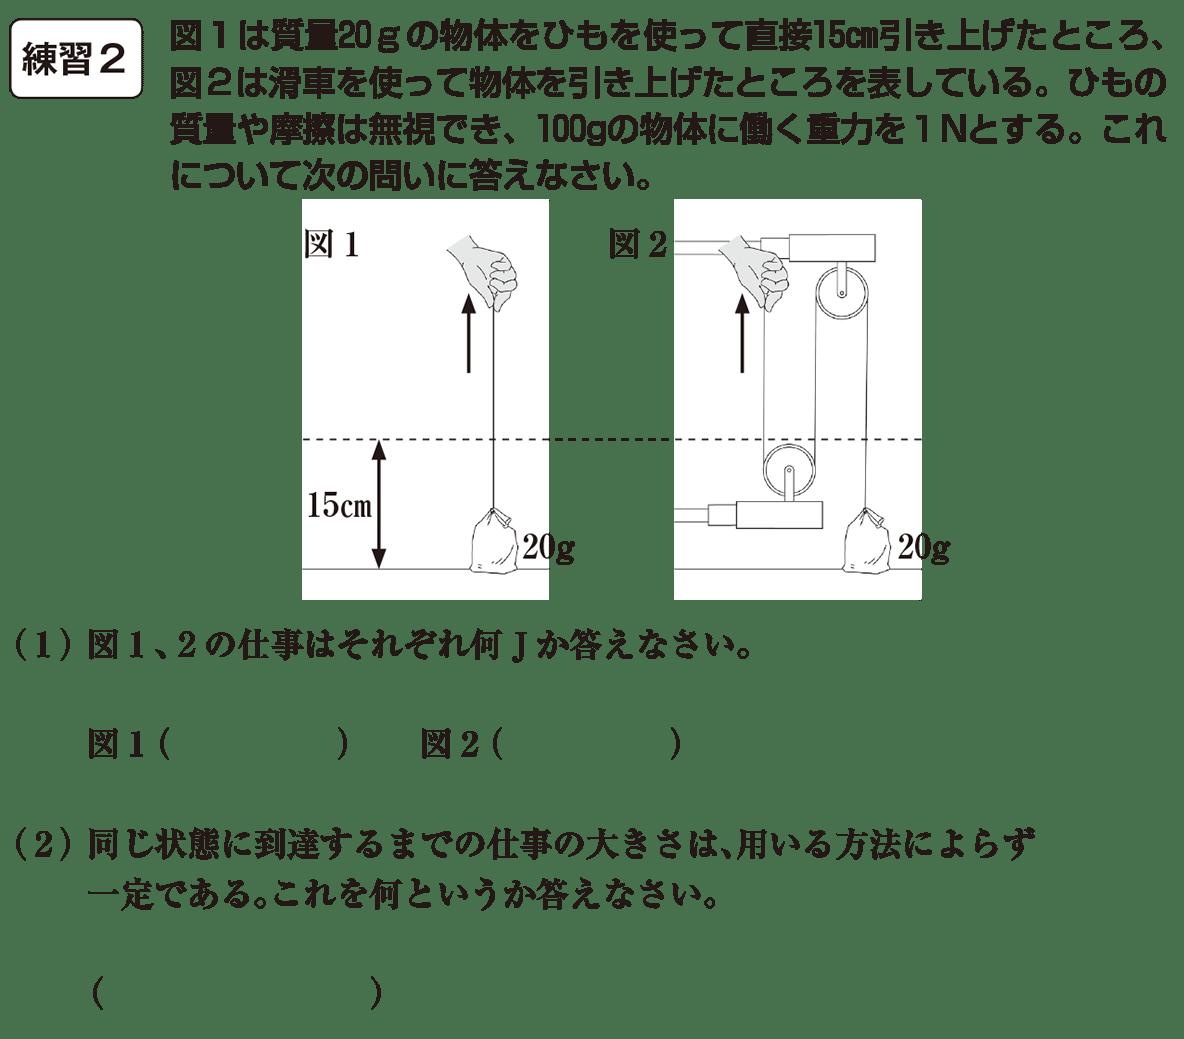 中3 物理14 練習2 答えなし